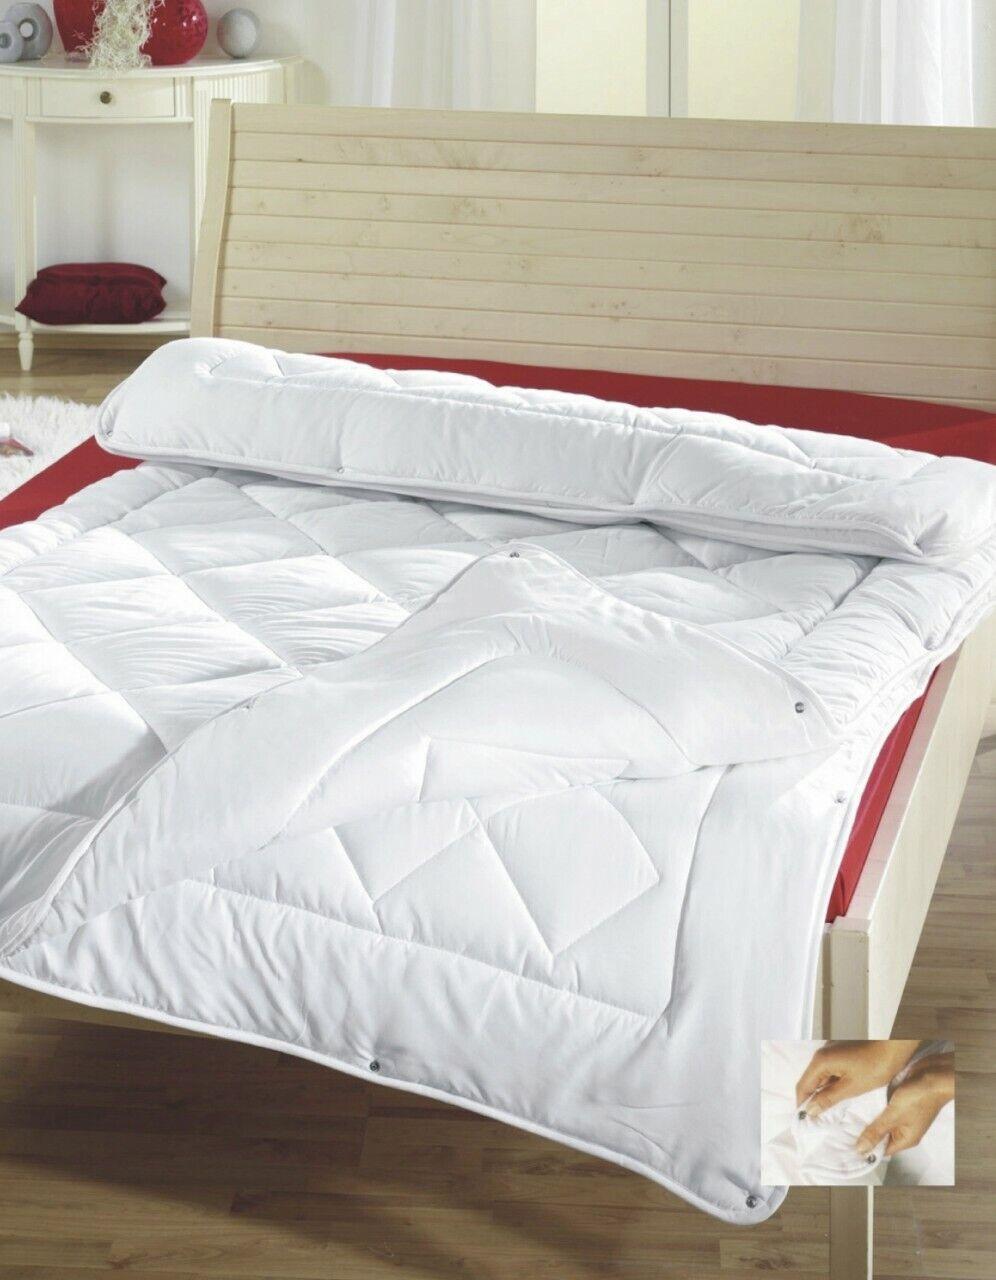 Steppbett 4-Jahreszeiten weiß, 135 x 200 cm Bettdecken